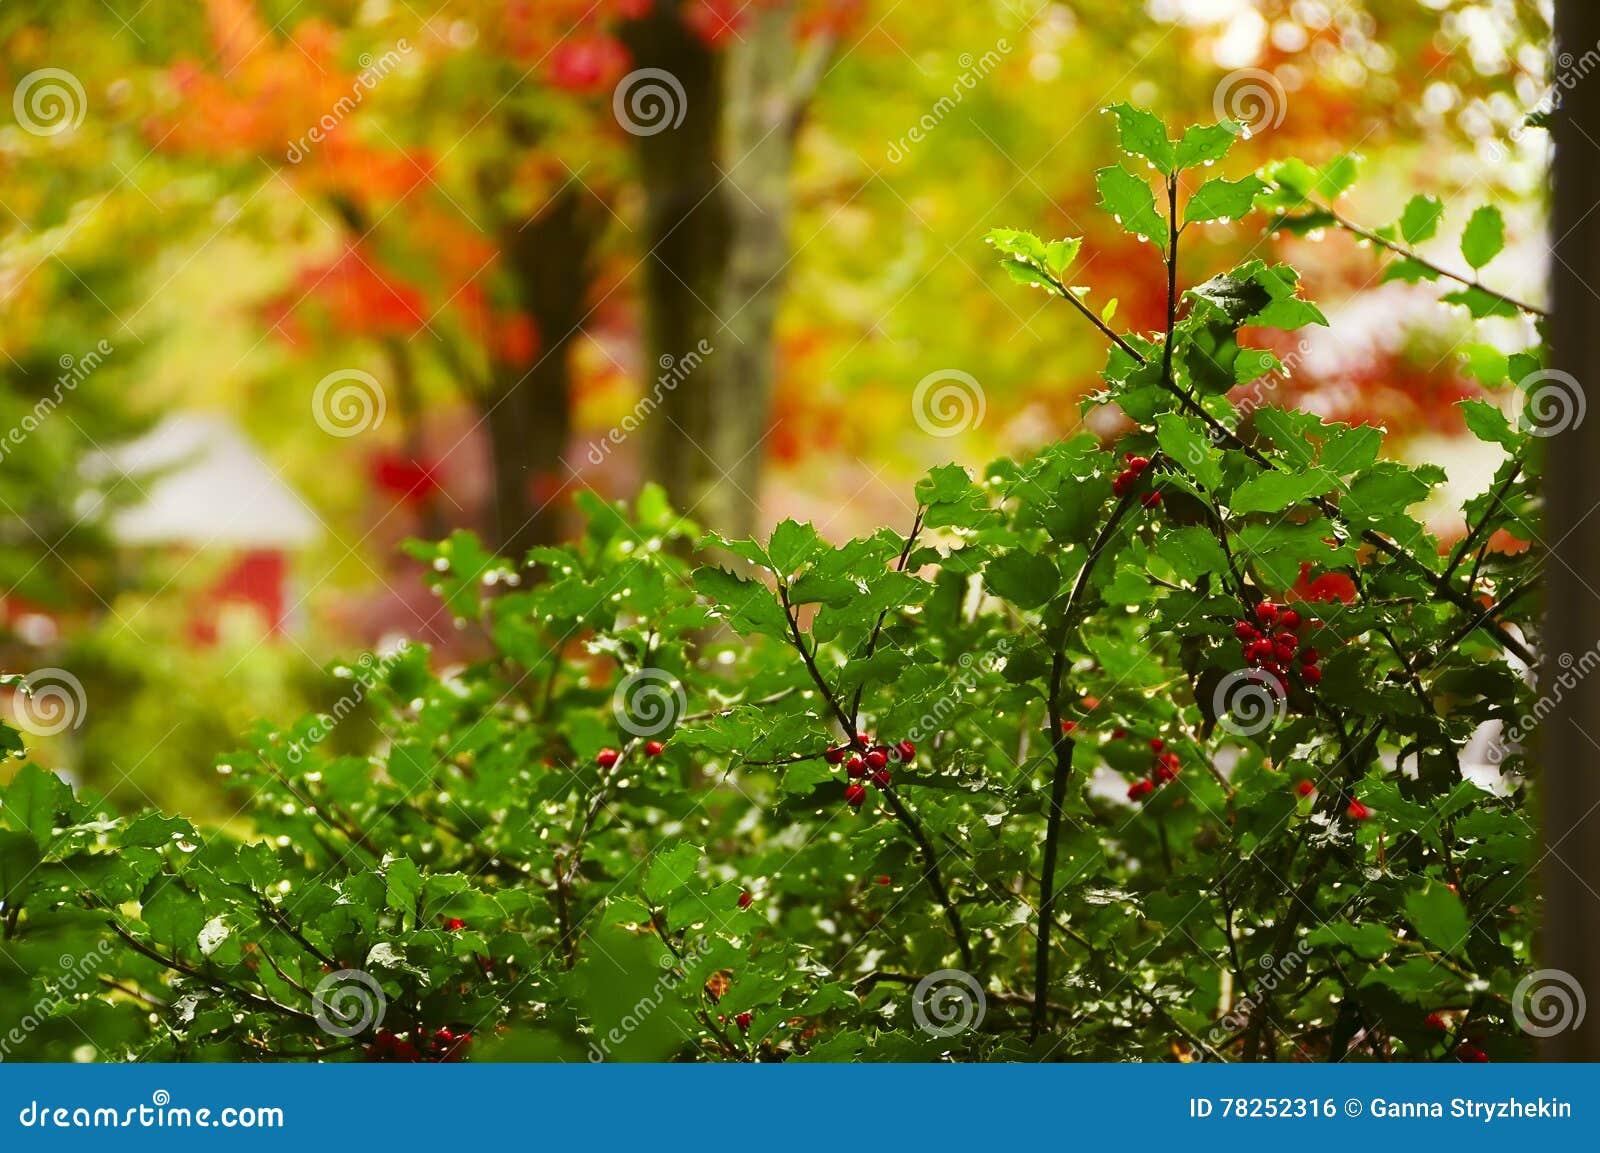 Μπους με τα μούρα και τις πτώσεις της βροχής, και ζωηρόχρωμα δέντρα στο υπόβαθρο στον κήπο